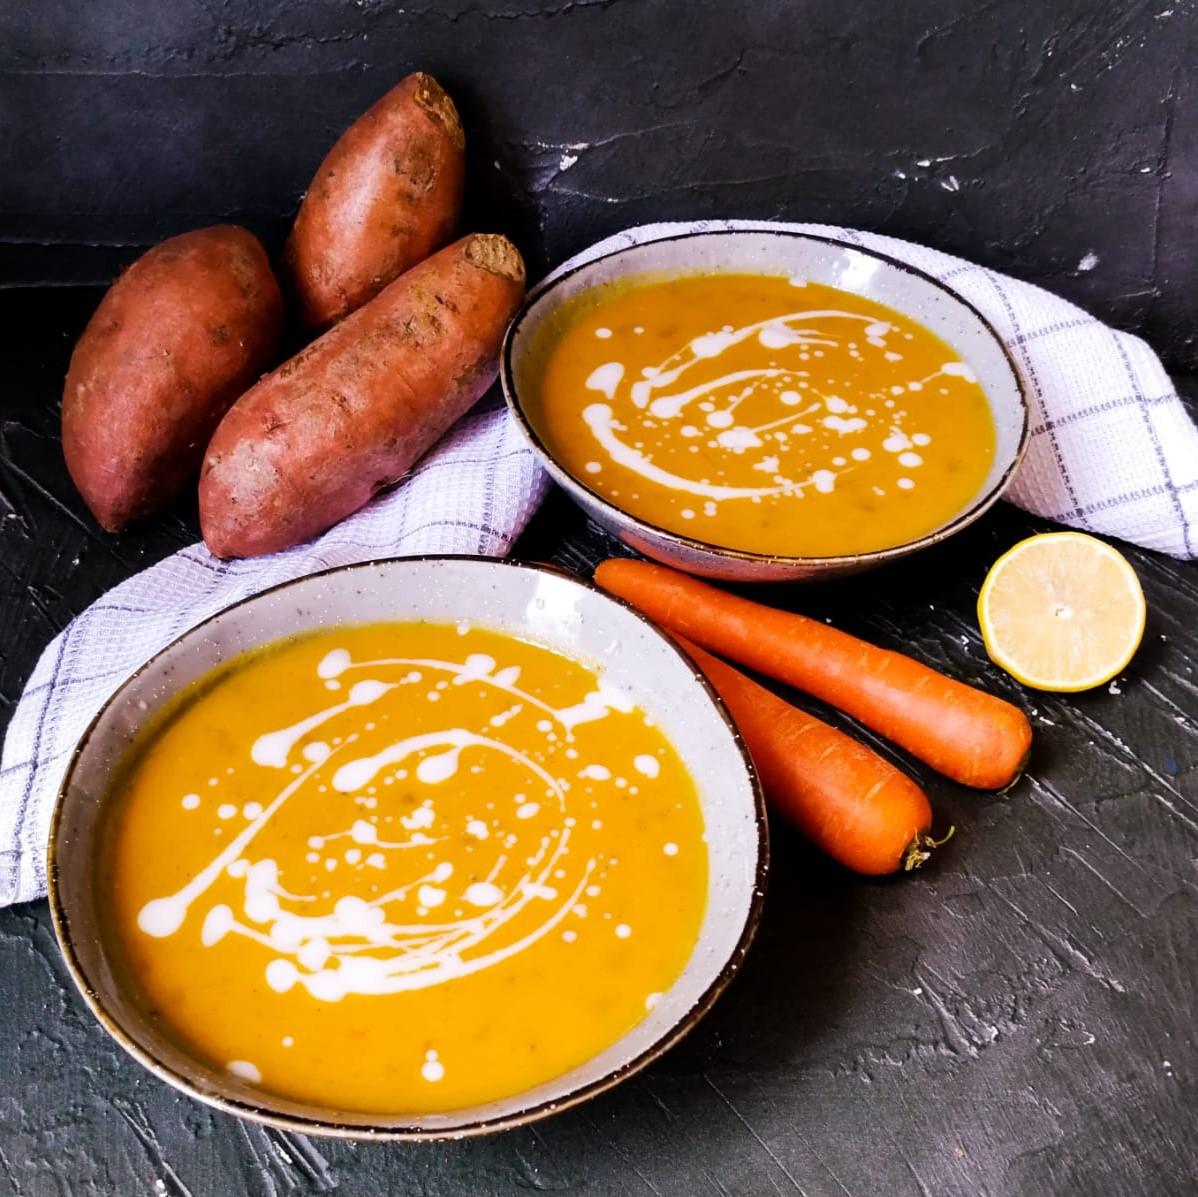 Zoeteaardappelsoep met wortel, gember en citroen